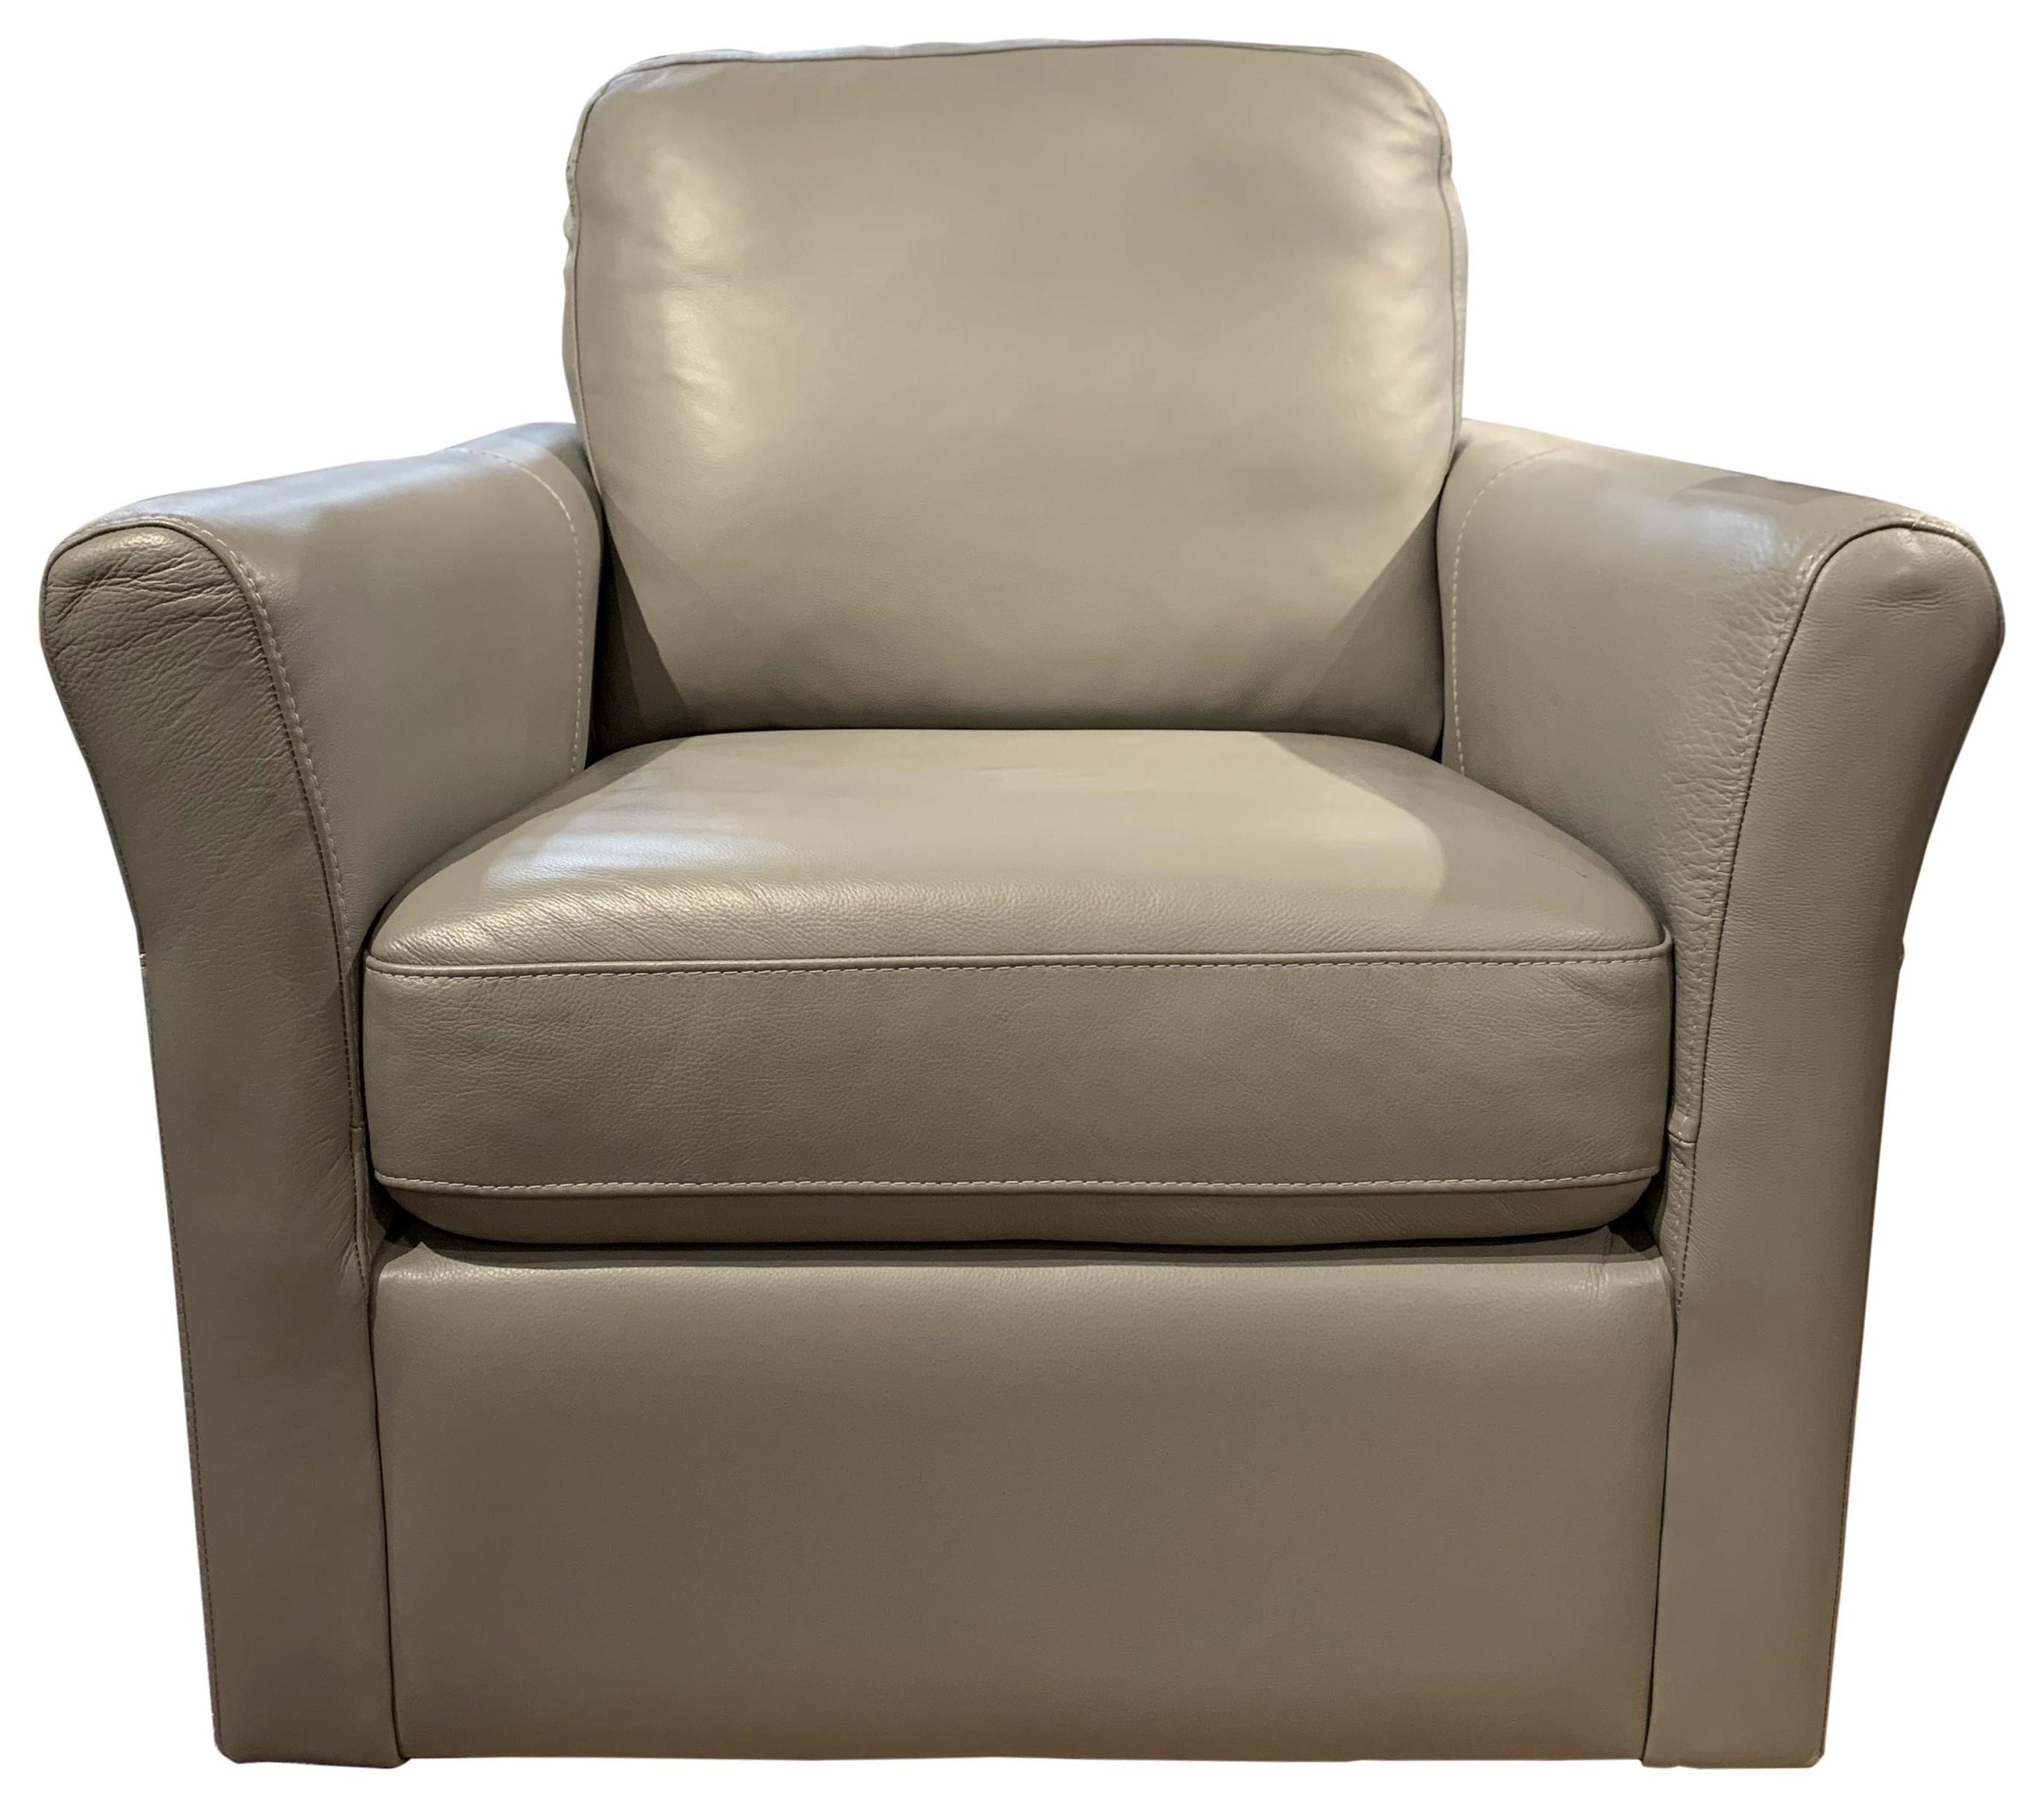 Madeline Swivel Chair by Palliser at HomeWorld Furniture